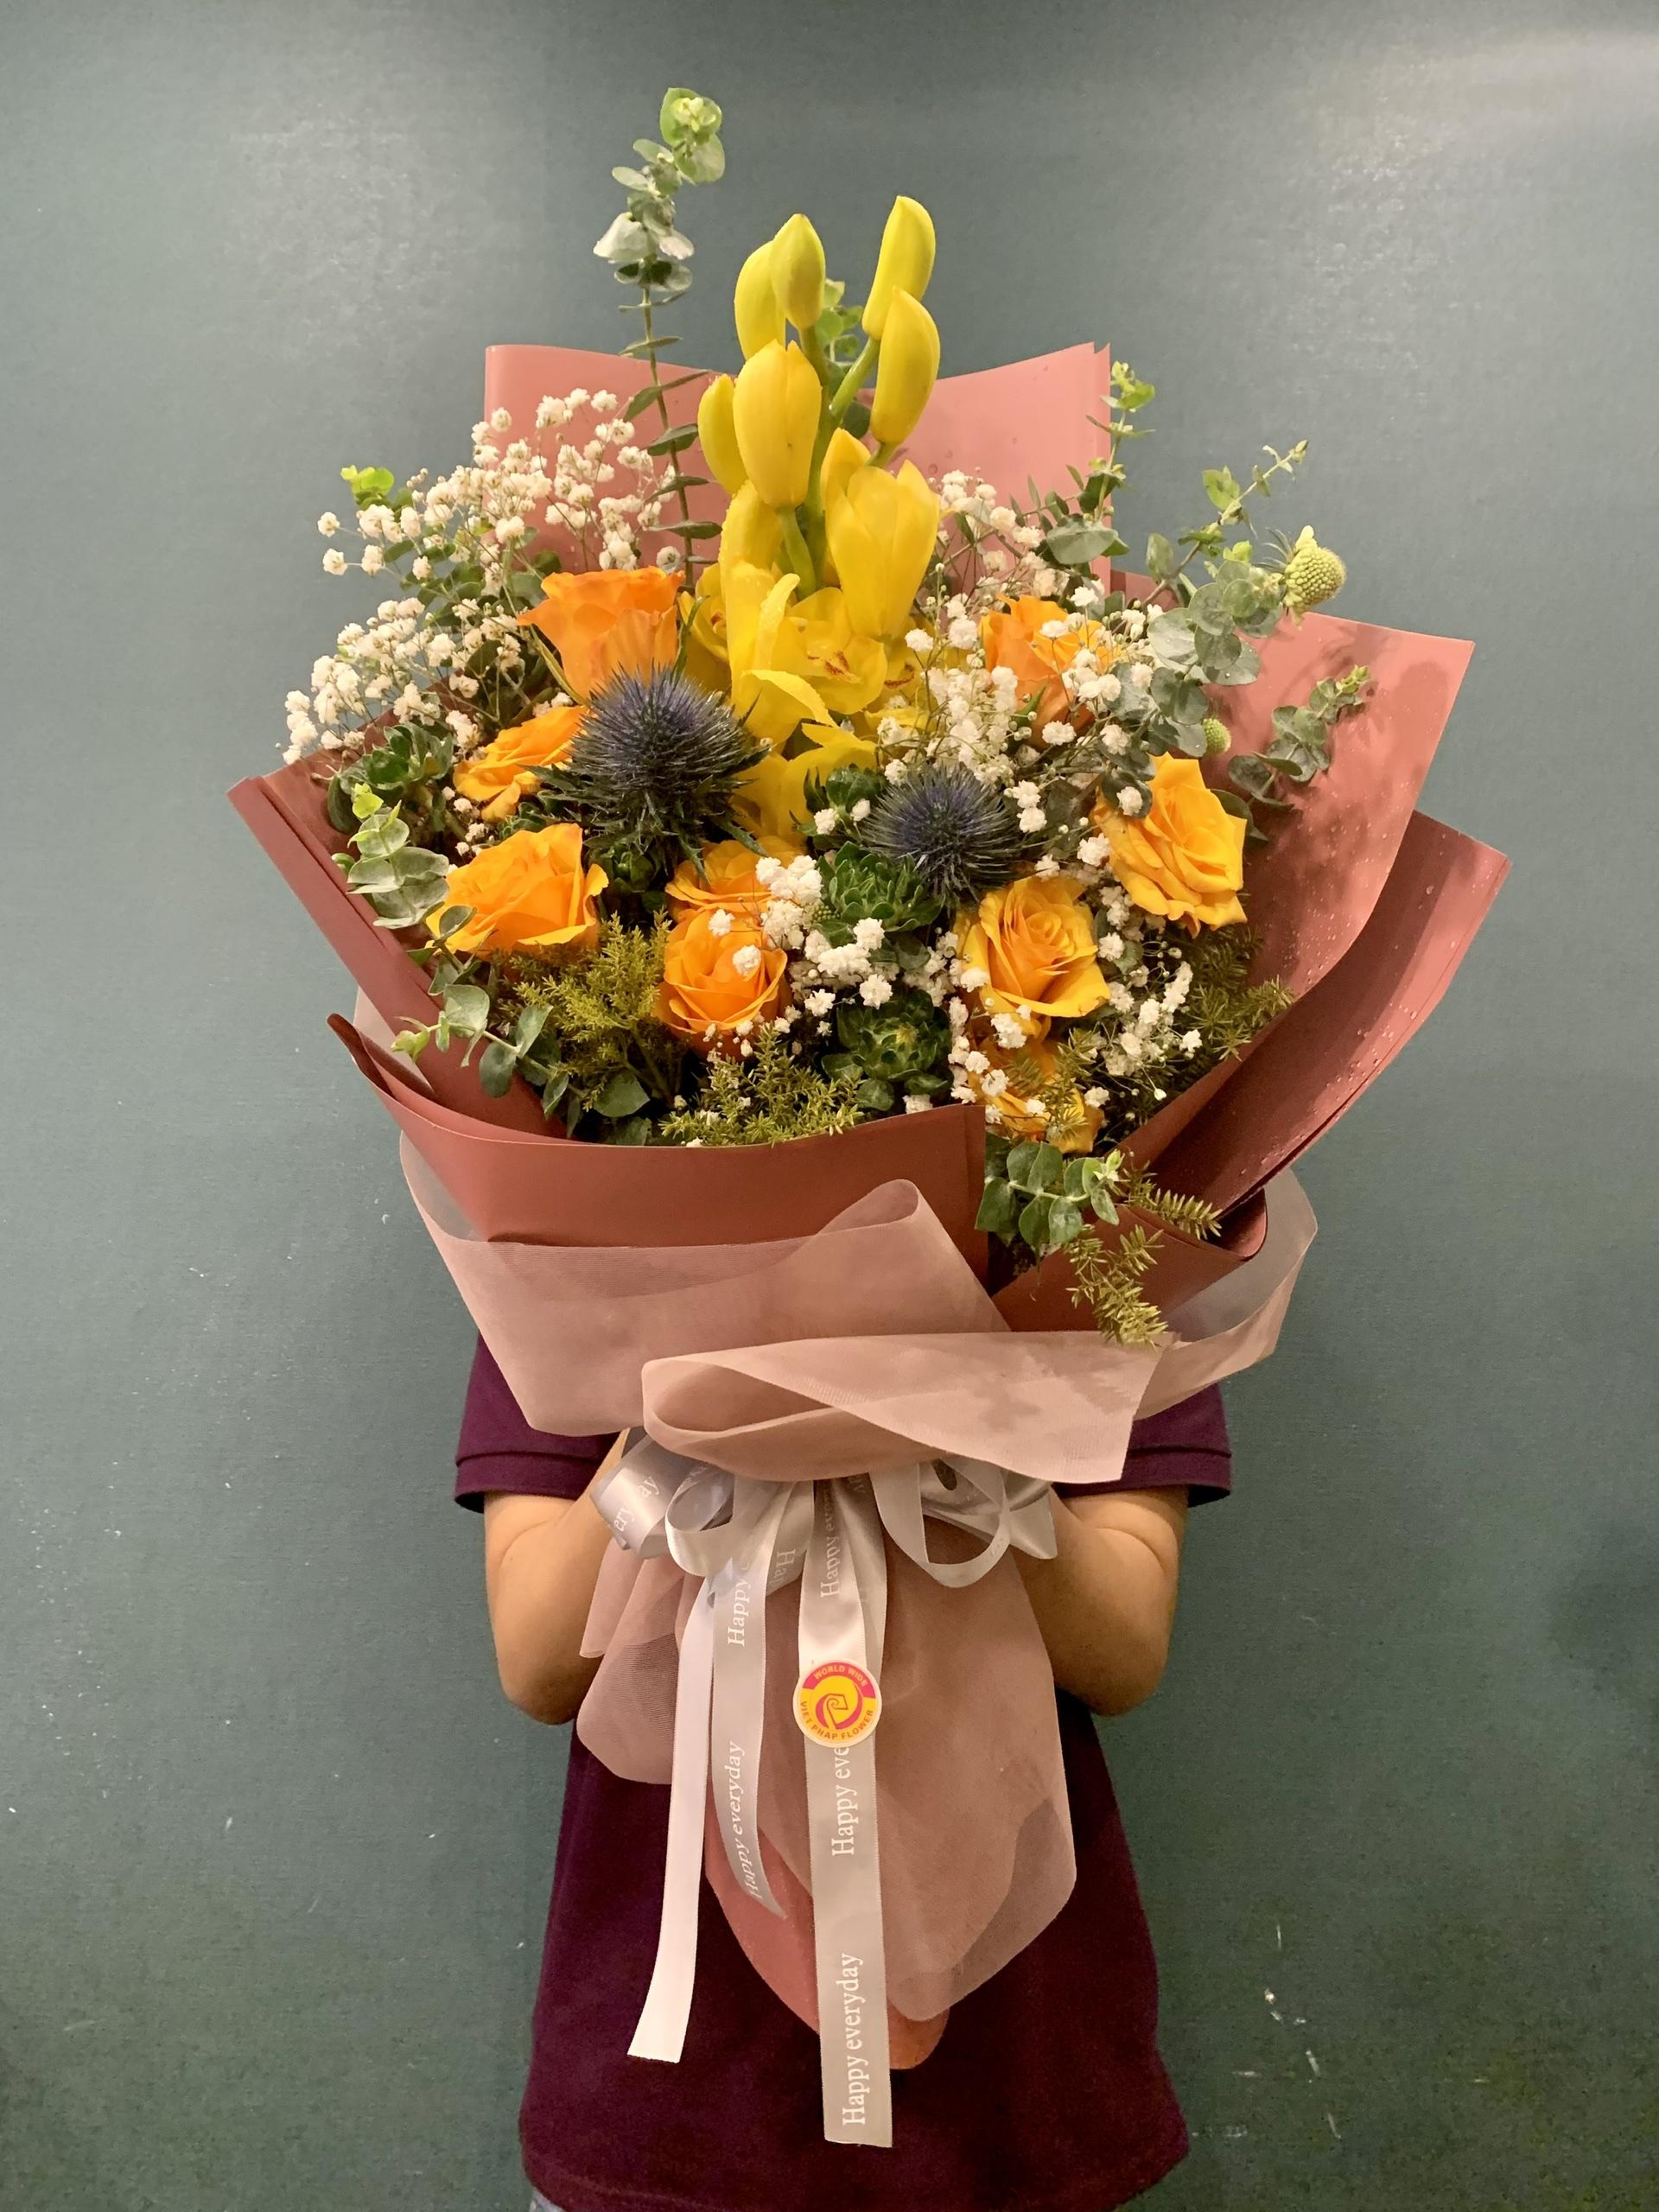 hoa bó đẹp sang trọng